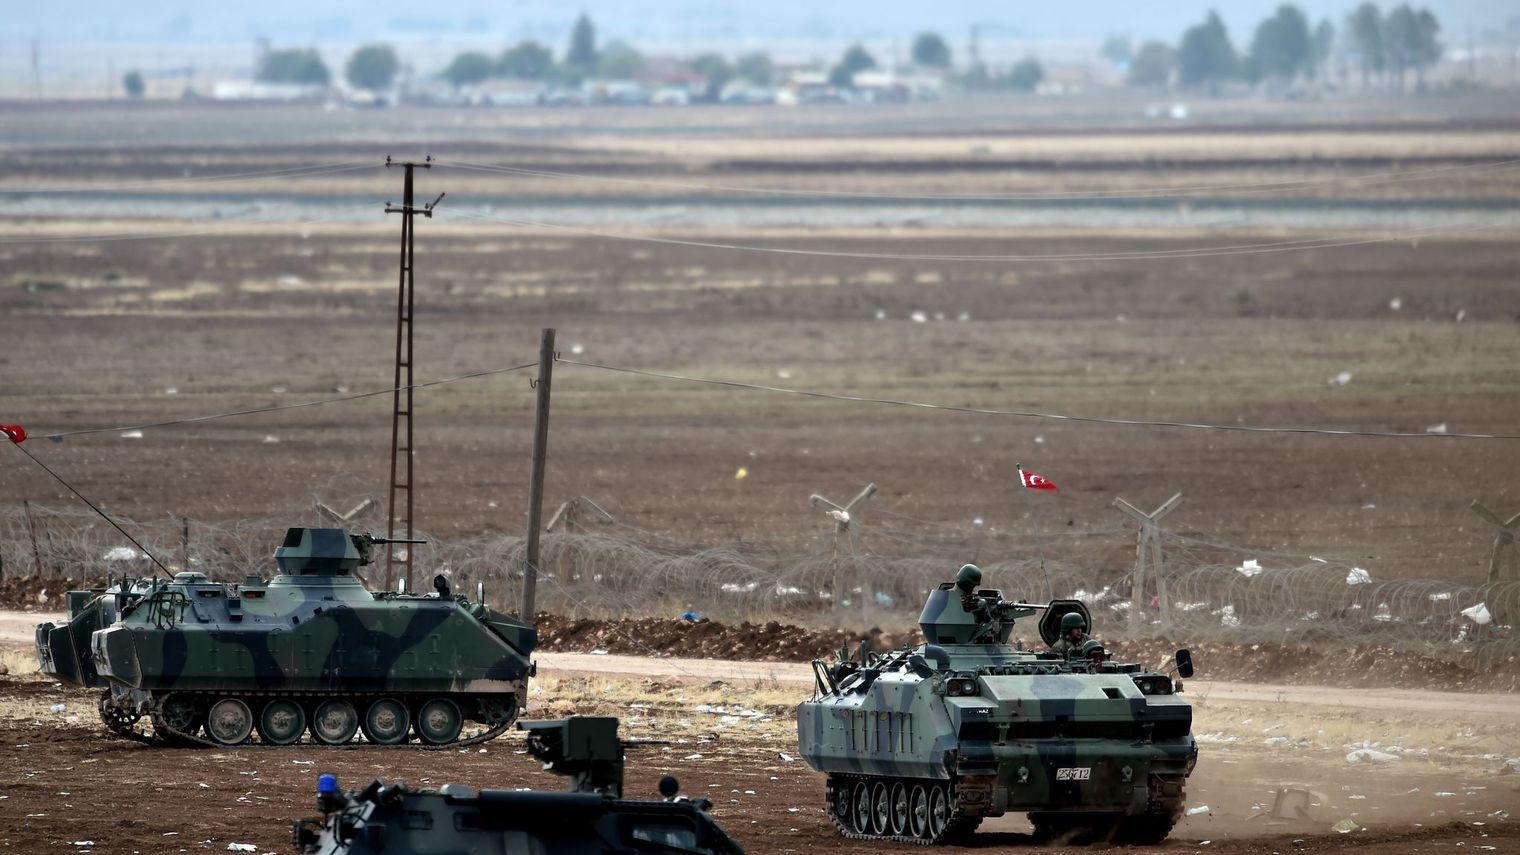 L'armée turque intensifie son offensive contre les Kurdes au nord de la Syrie